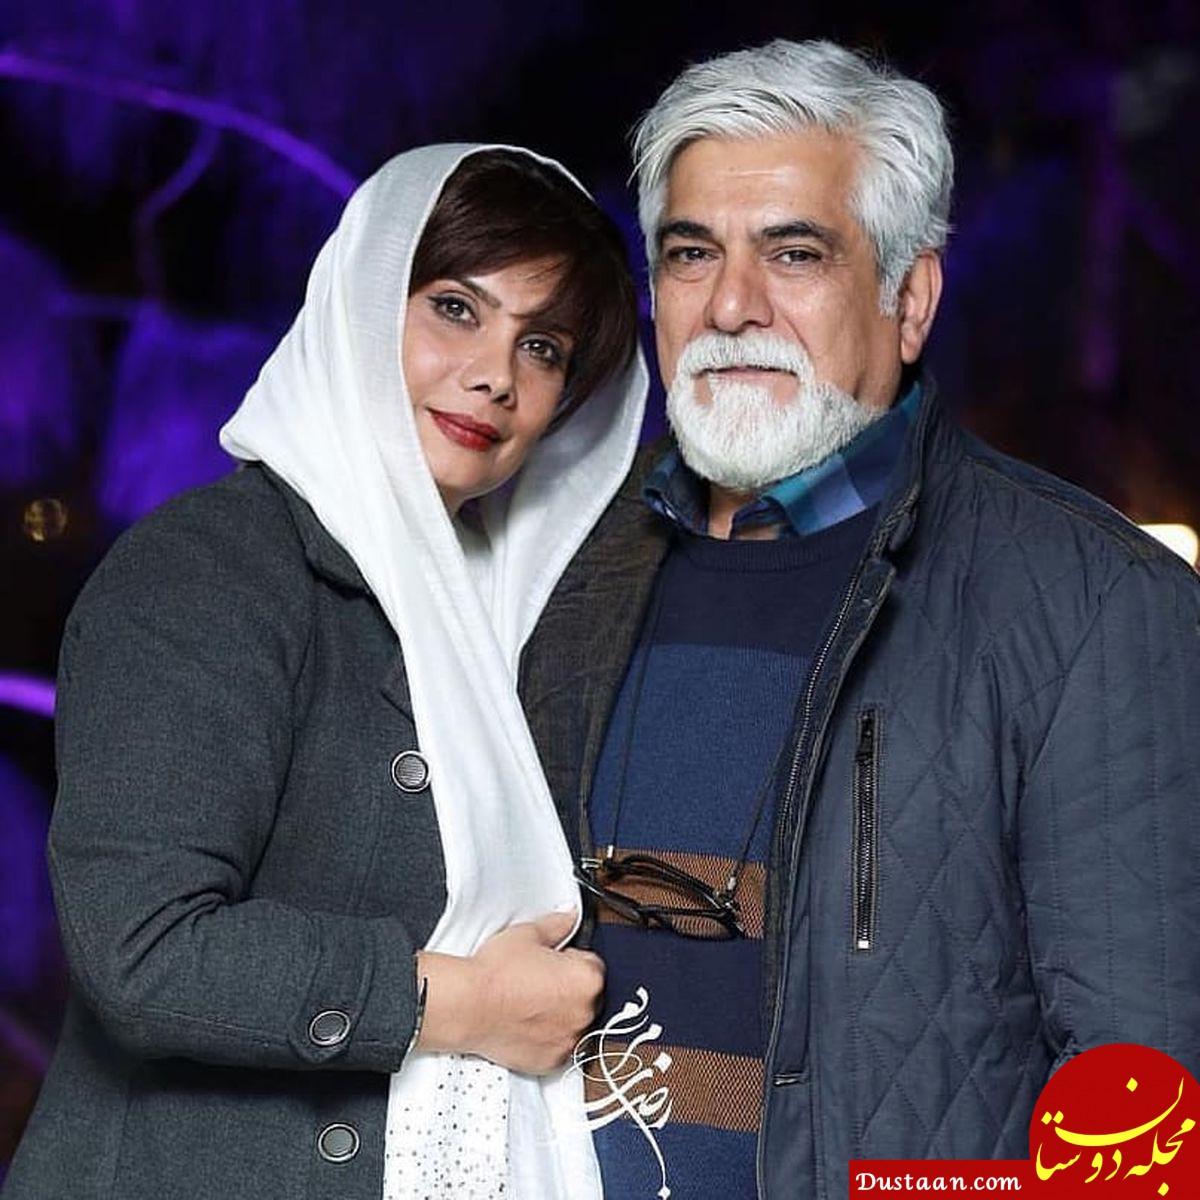 بیوگرافی و عکس های دیدنی حسین پاکدل و همسرش عاطفه رضوی و دخترش صبا